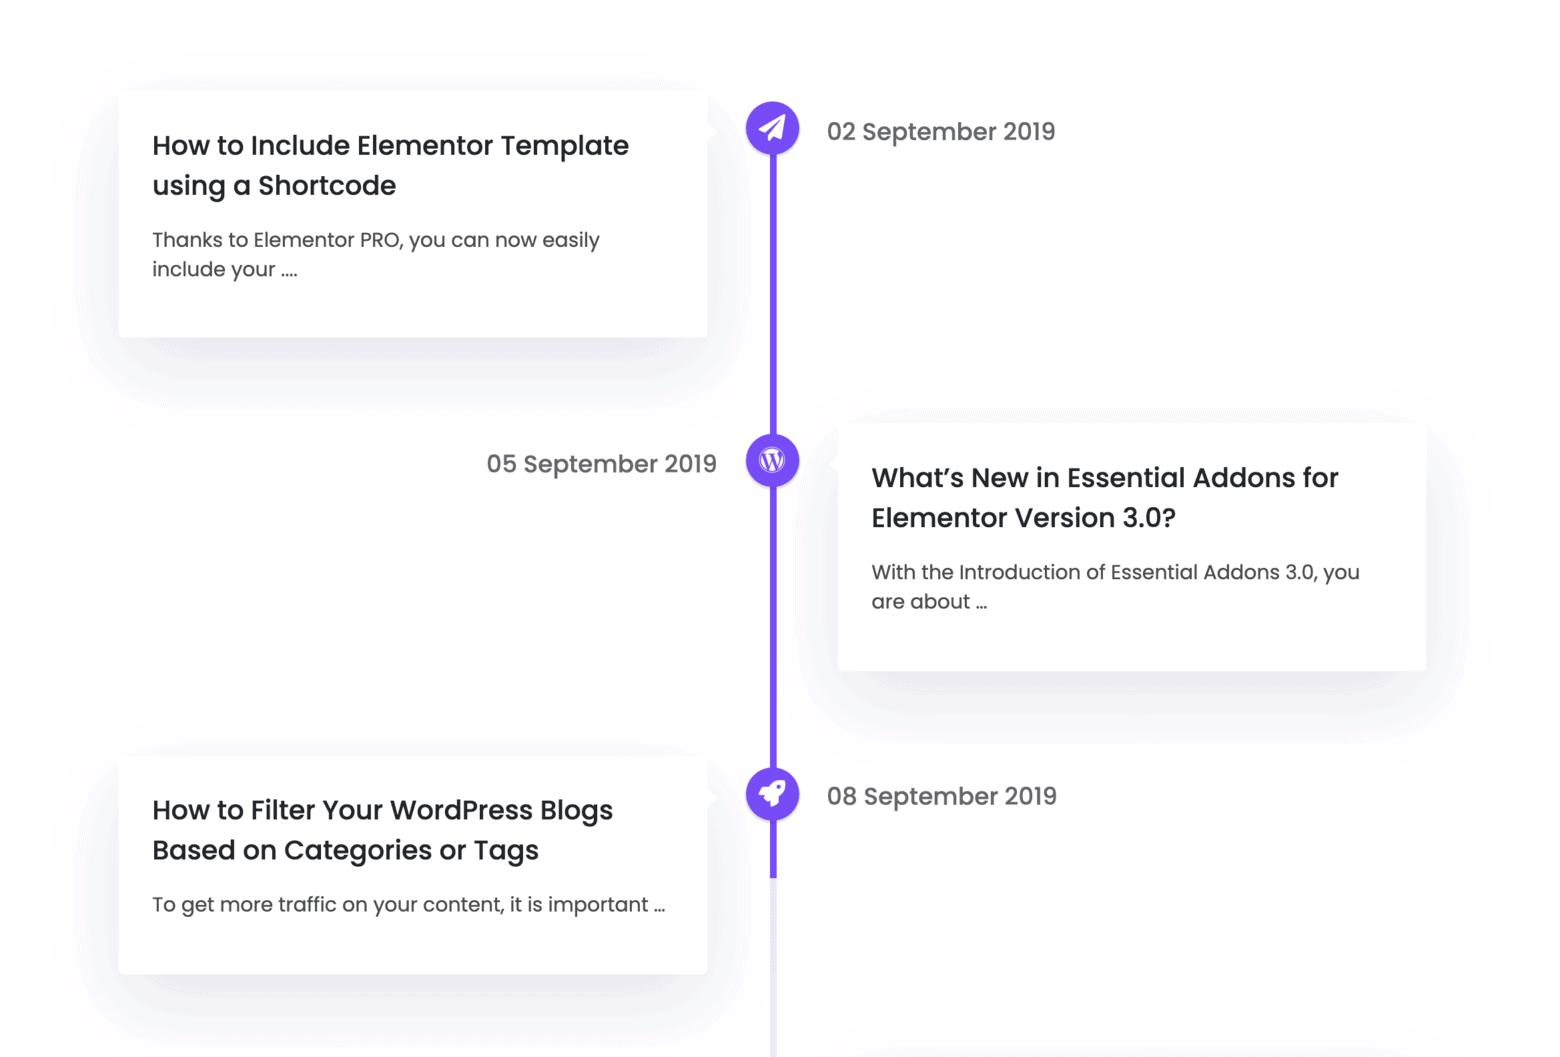 Elementor Widget Content Timeline of Essential Addons